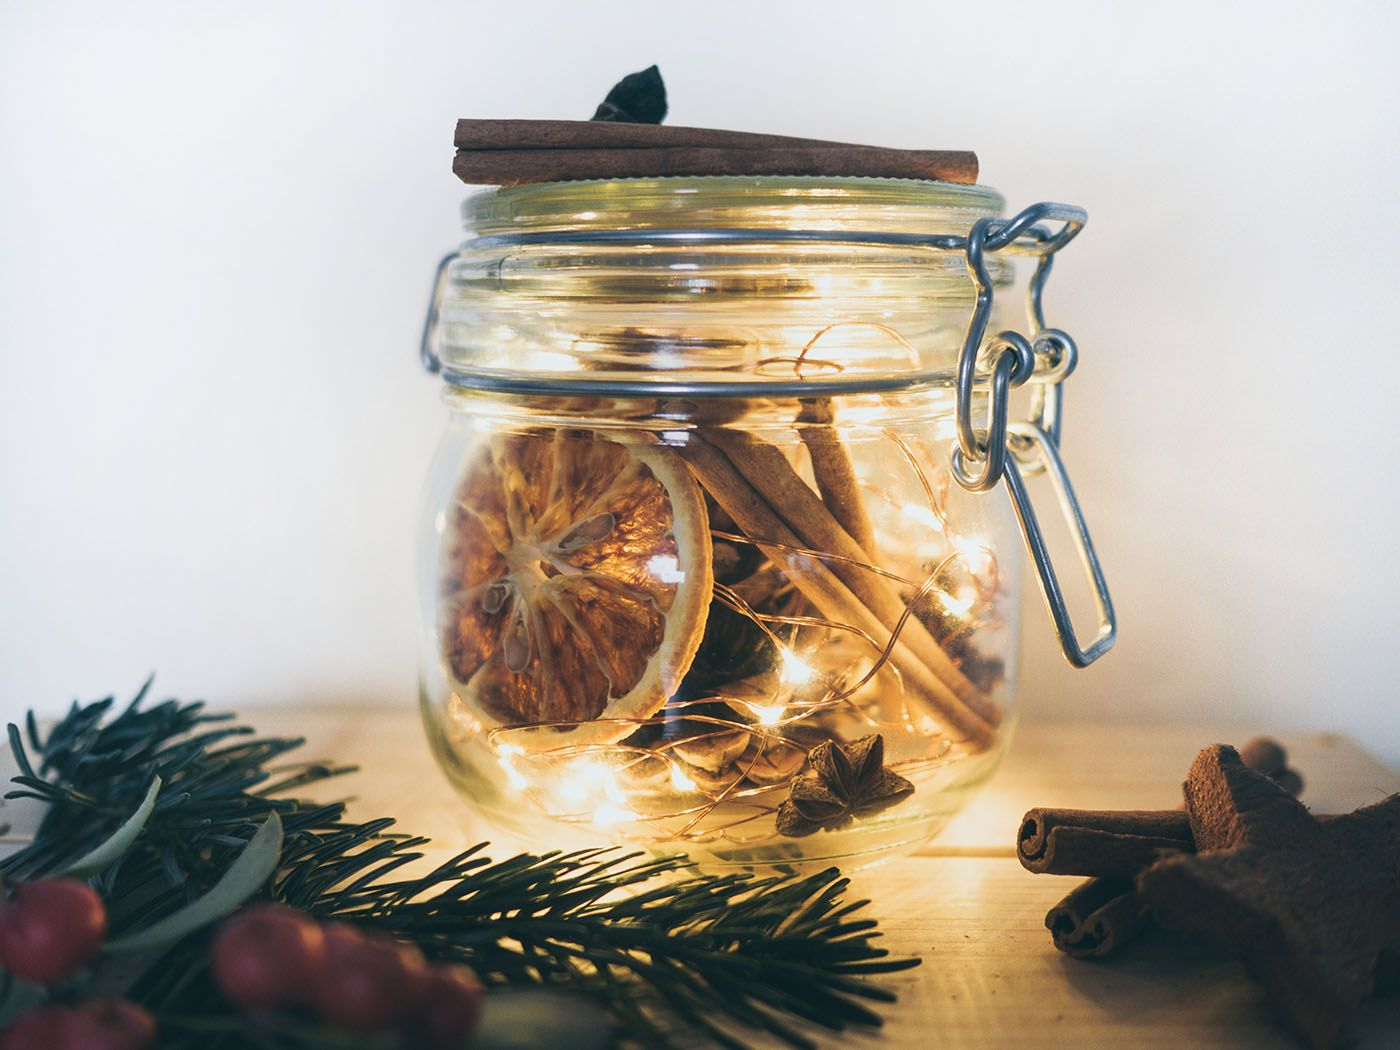 DIY Weihnachtsdeko basteln: Lichterglas mit Naturmaterialien • Yeah Handmade #weihnachtsdekoglas